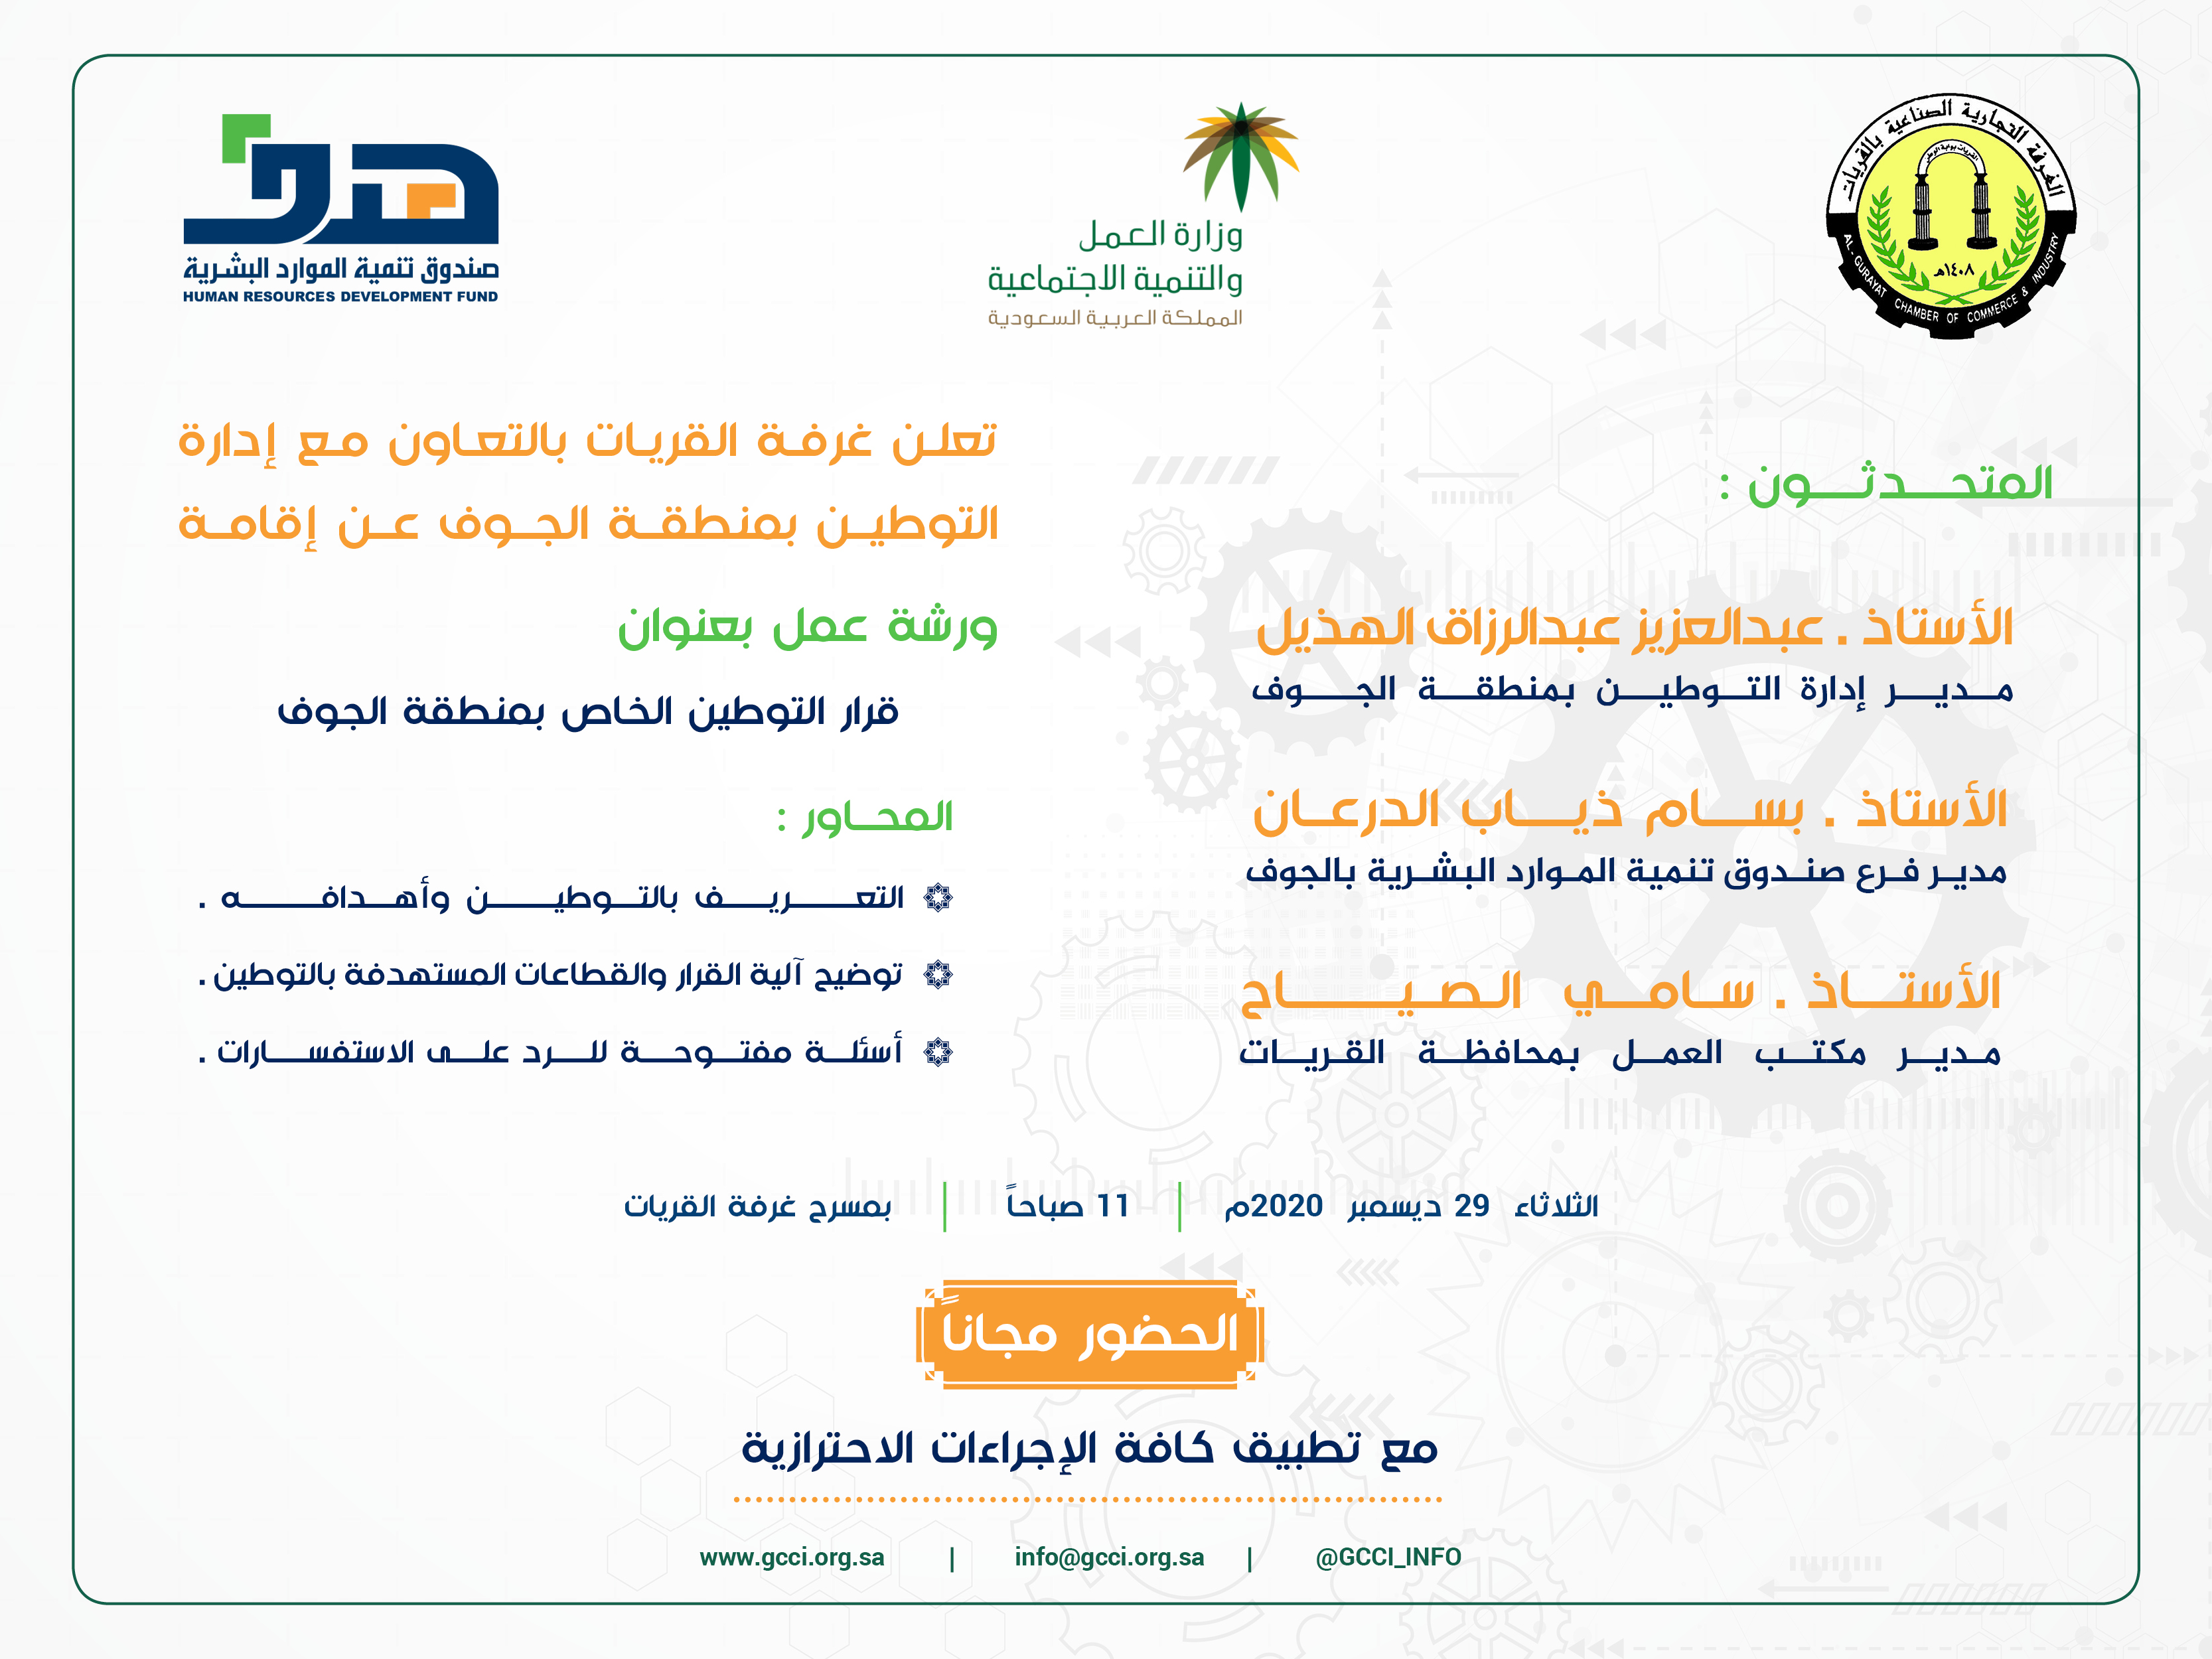 ورشة عمل بعنوان : قرار التوطين الخاص بمنطقة الجوف